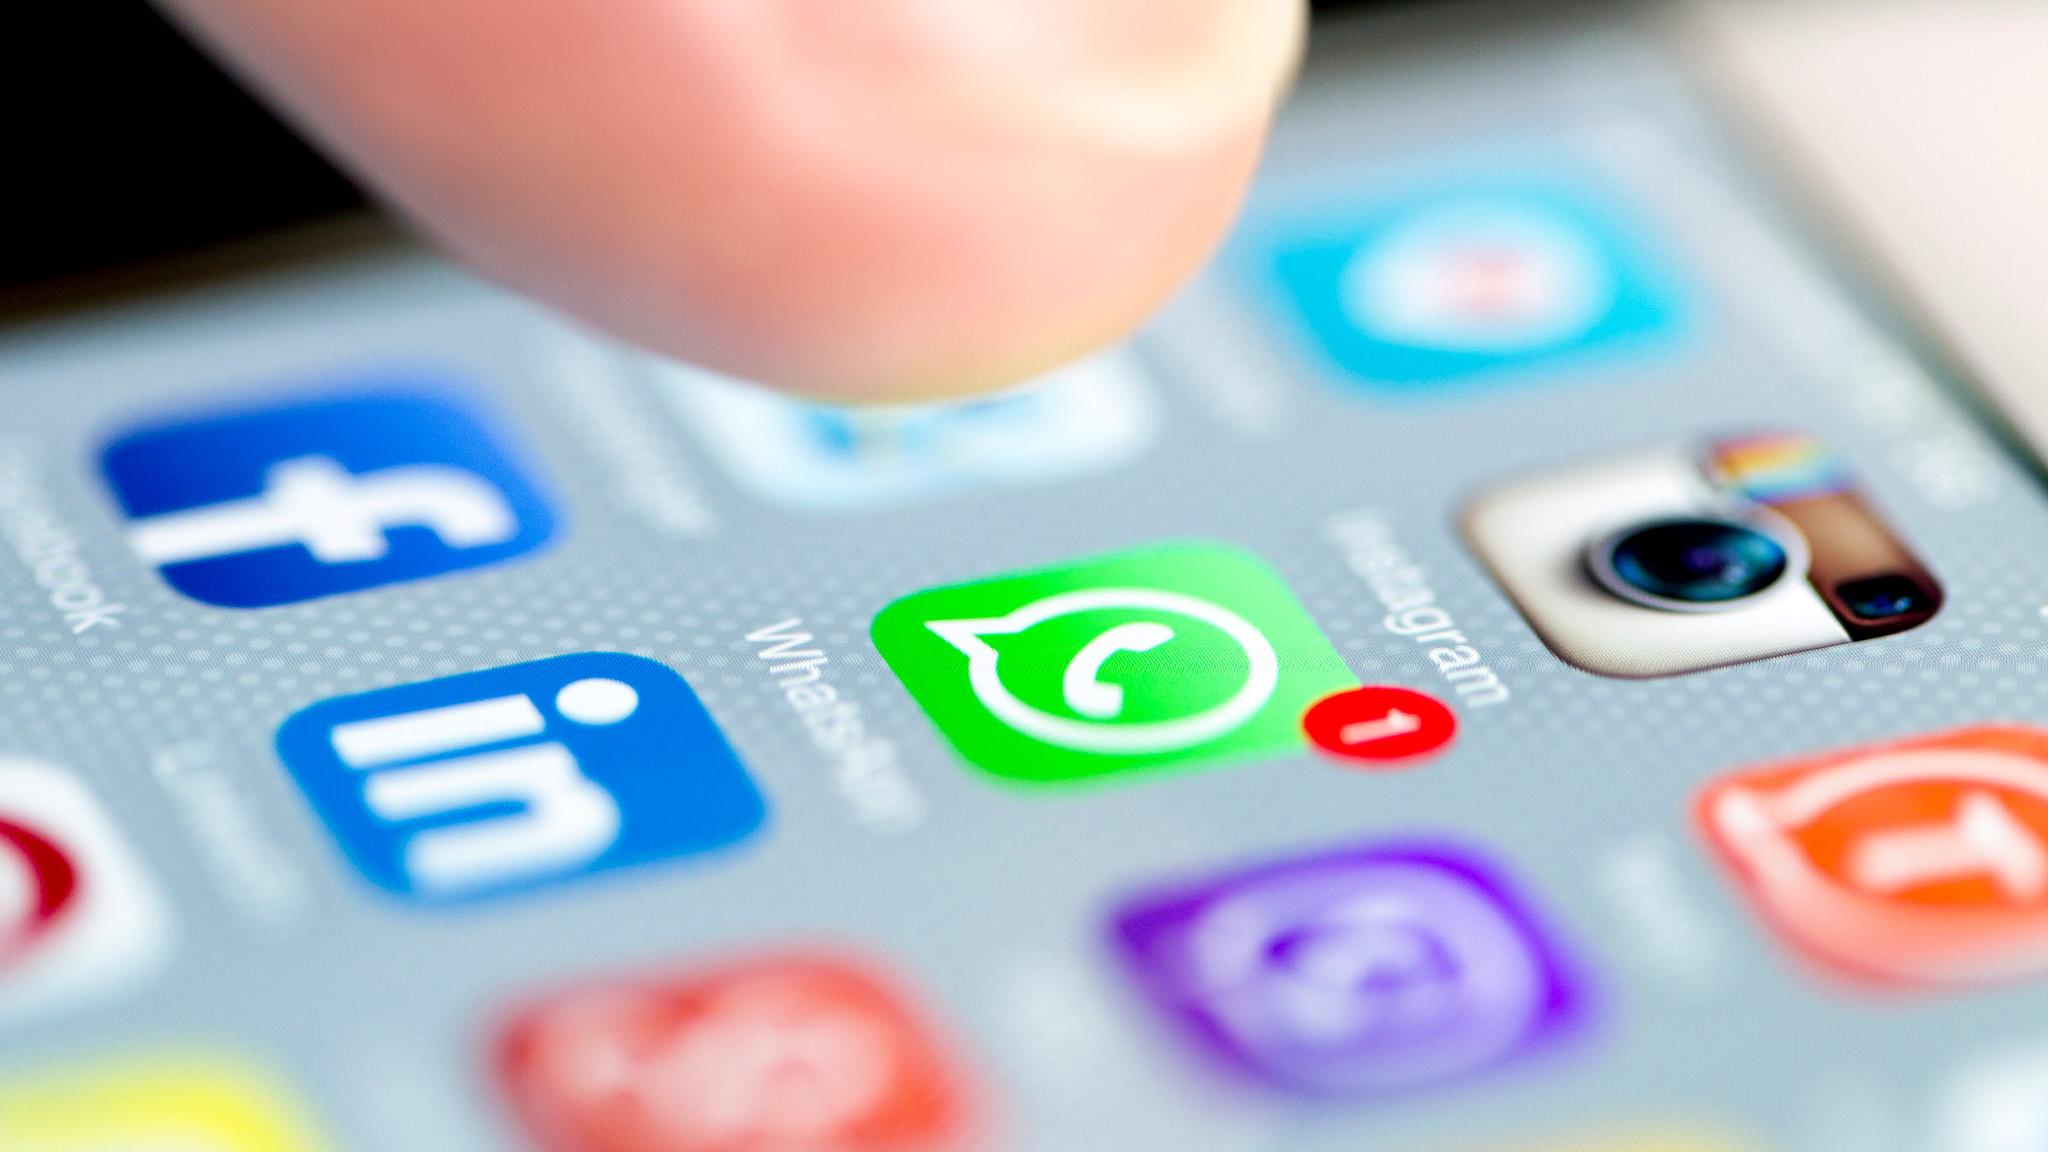 WhatsApp: Müssen sich Nutzer bald per Ausweis identifizieren?